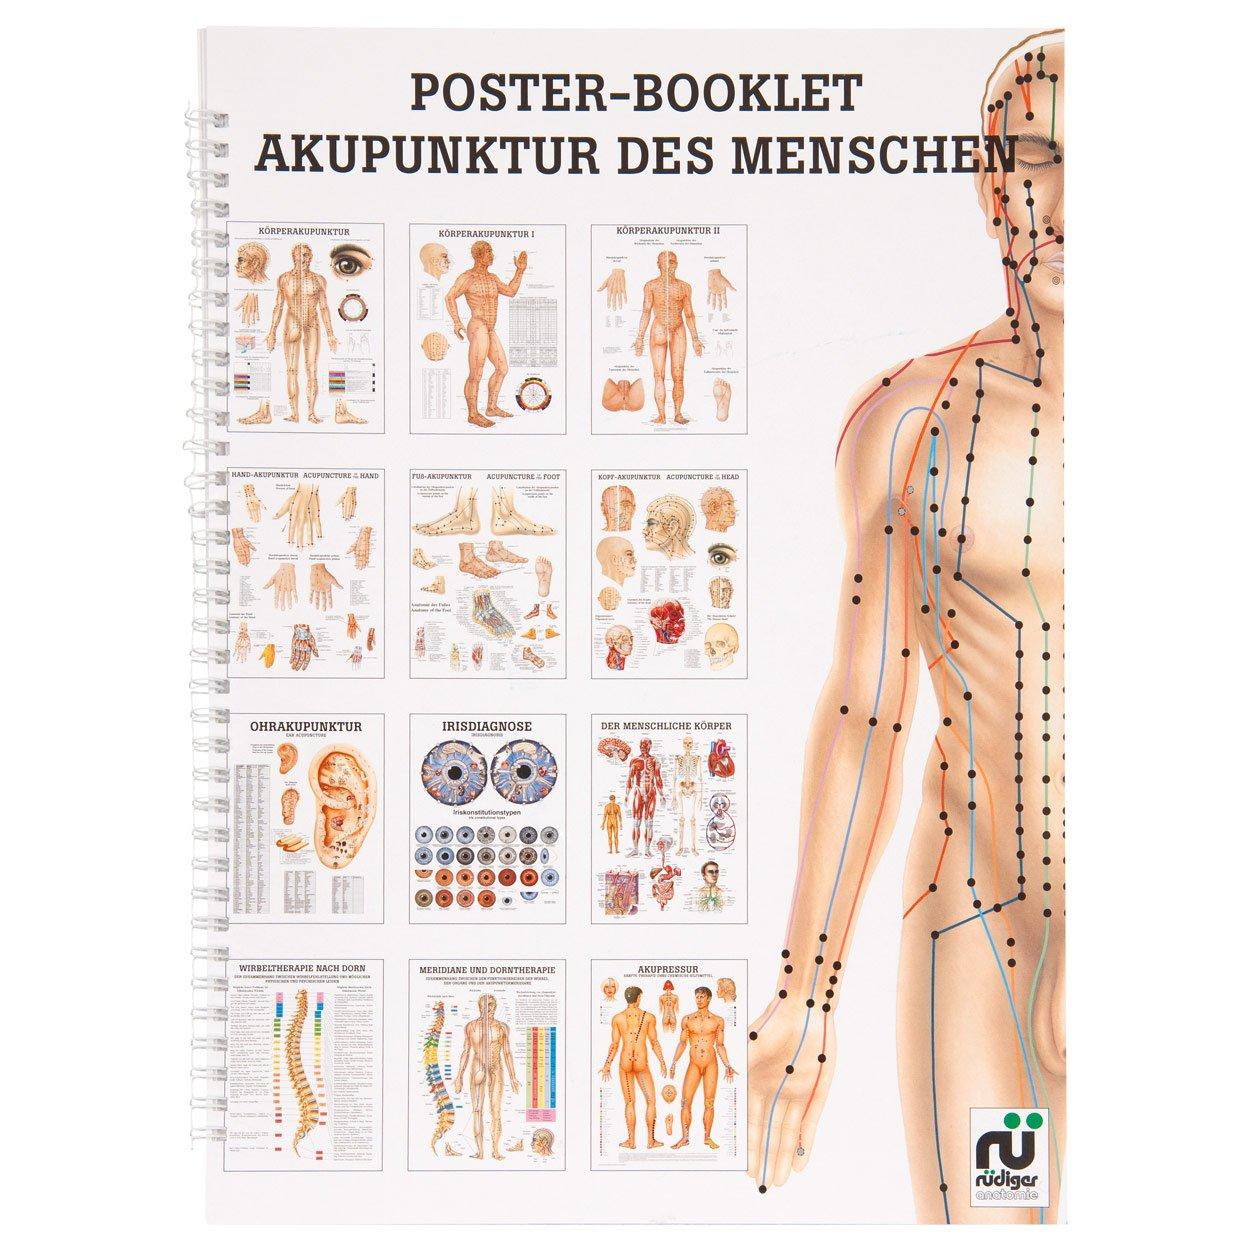 Akupunktur des Menschen Mini-Poster Booklet Anatomie 34x24 cm, 12 ...